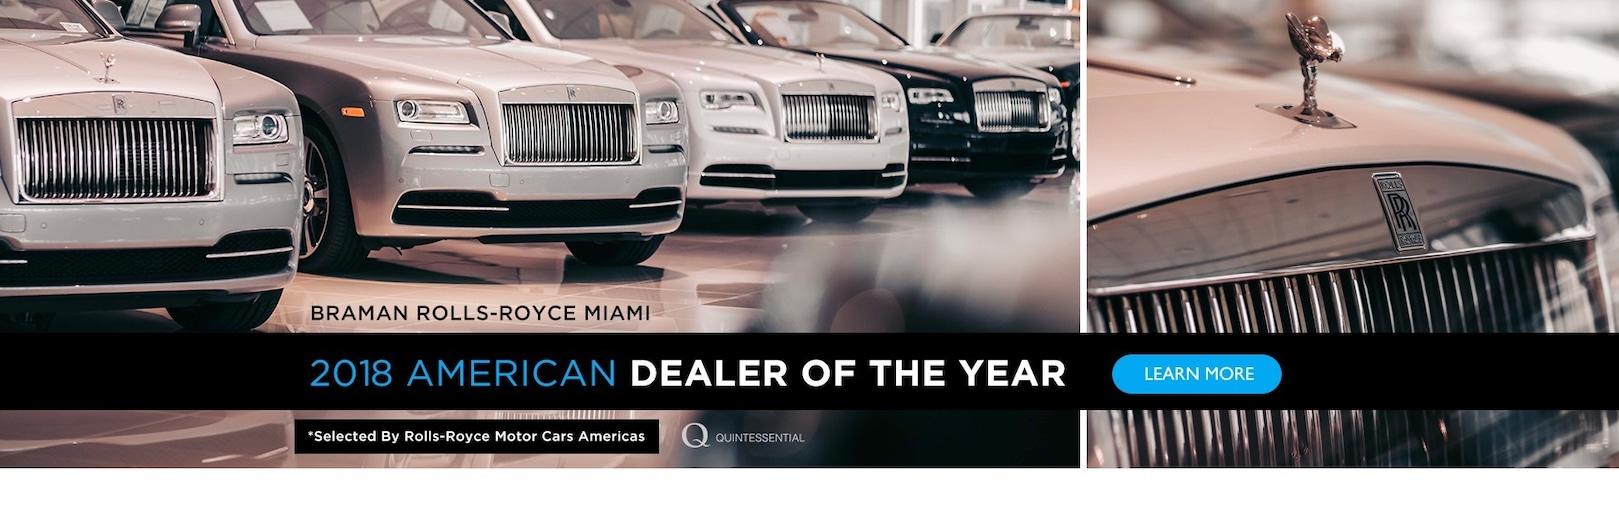 Rolls Royce Dealers >> Rolls Royce Motor Cars Miami Rolls Royce Dealer In Miami Fl